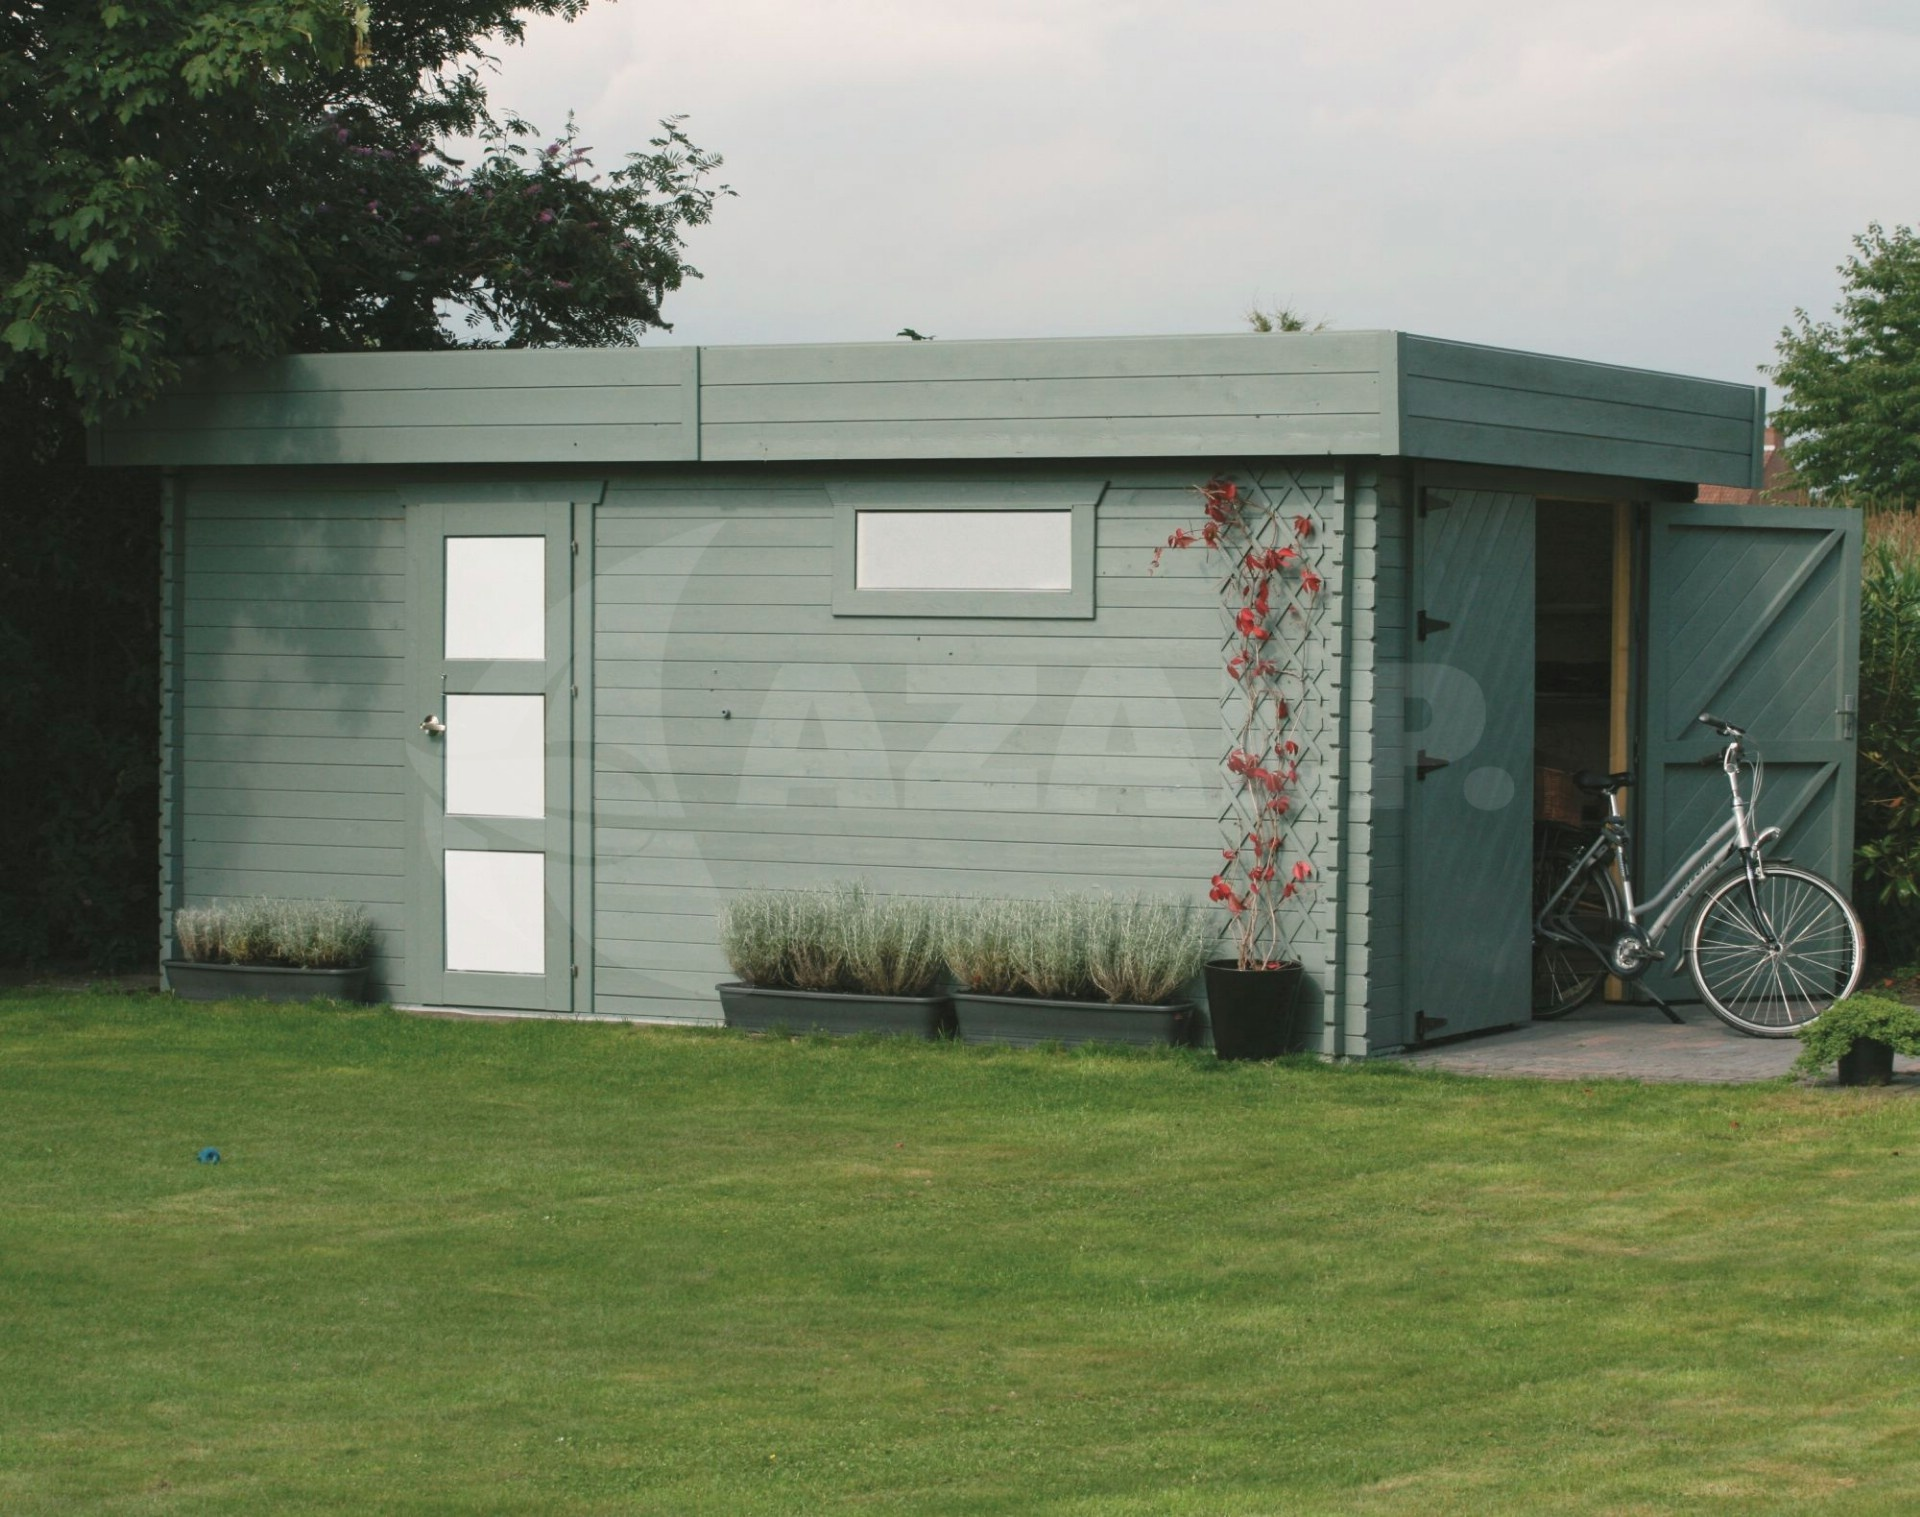 Kachel Voor Garage : Solid garage s8993 kopen bij azalp.nl